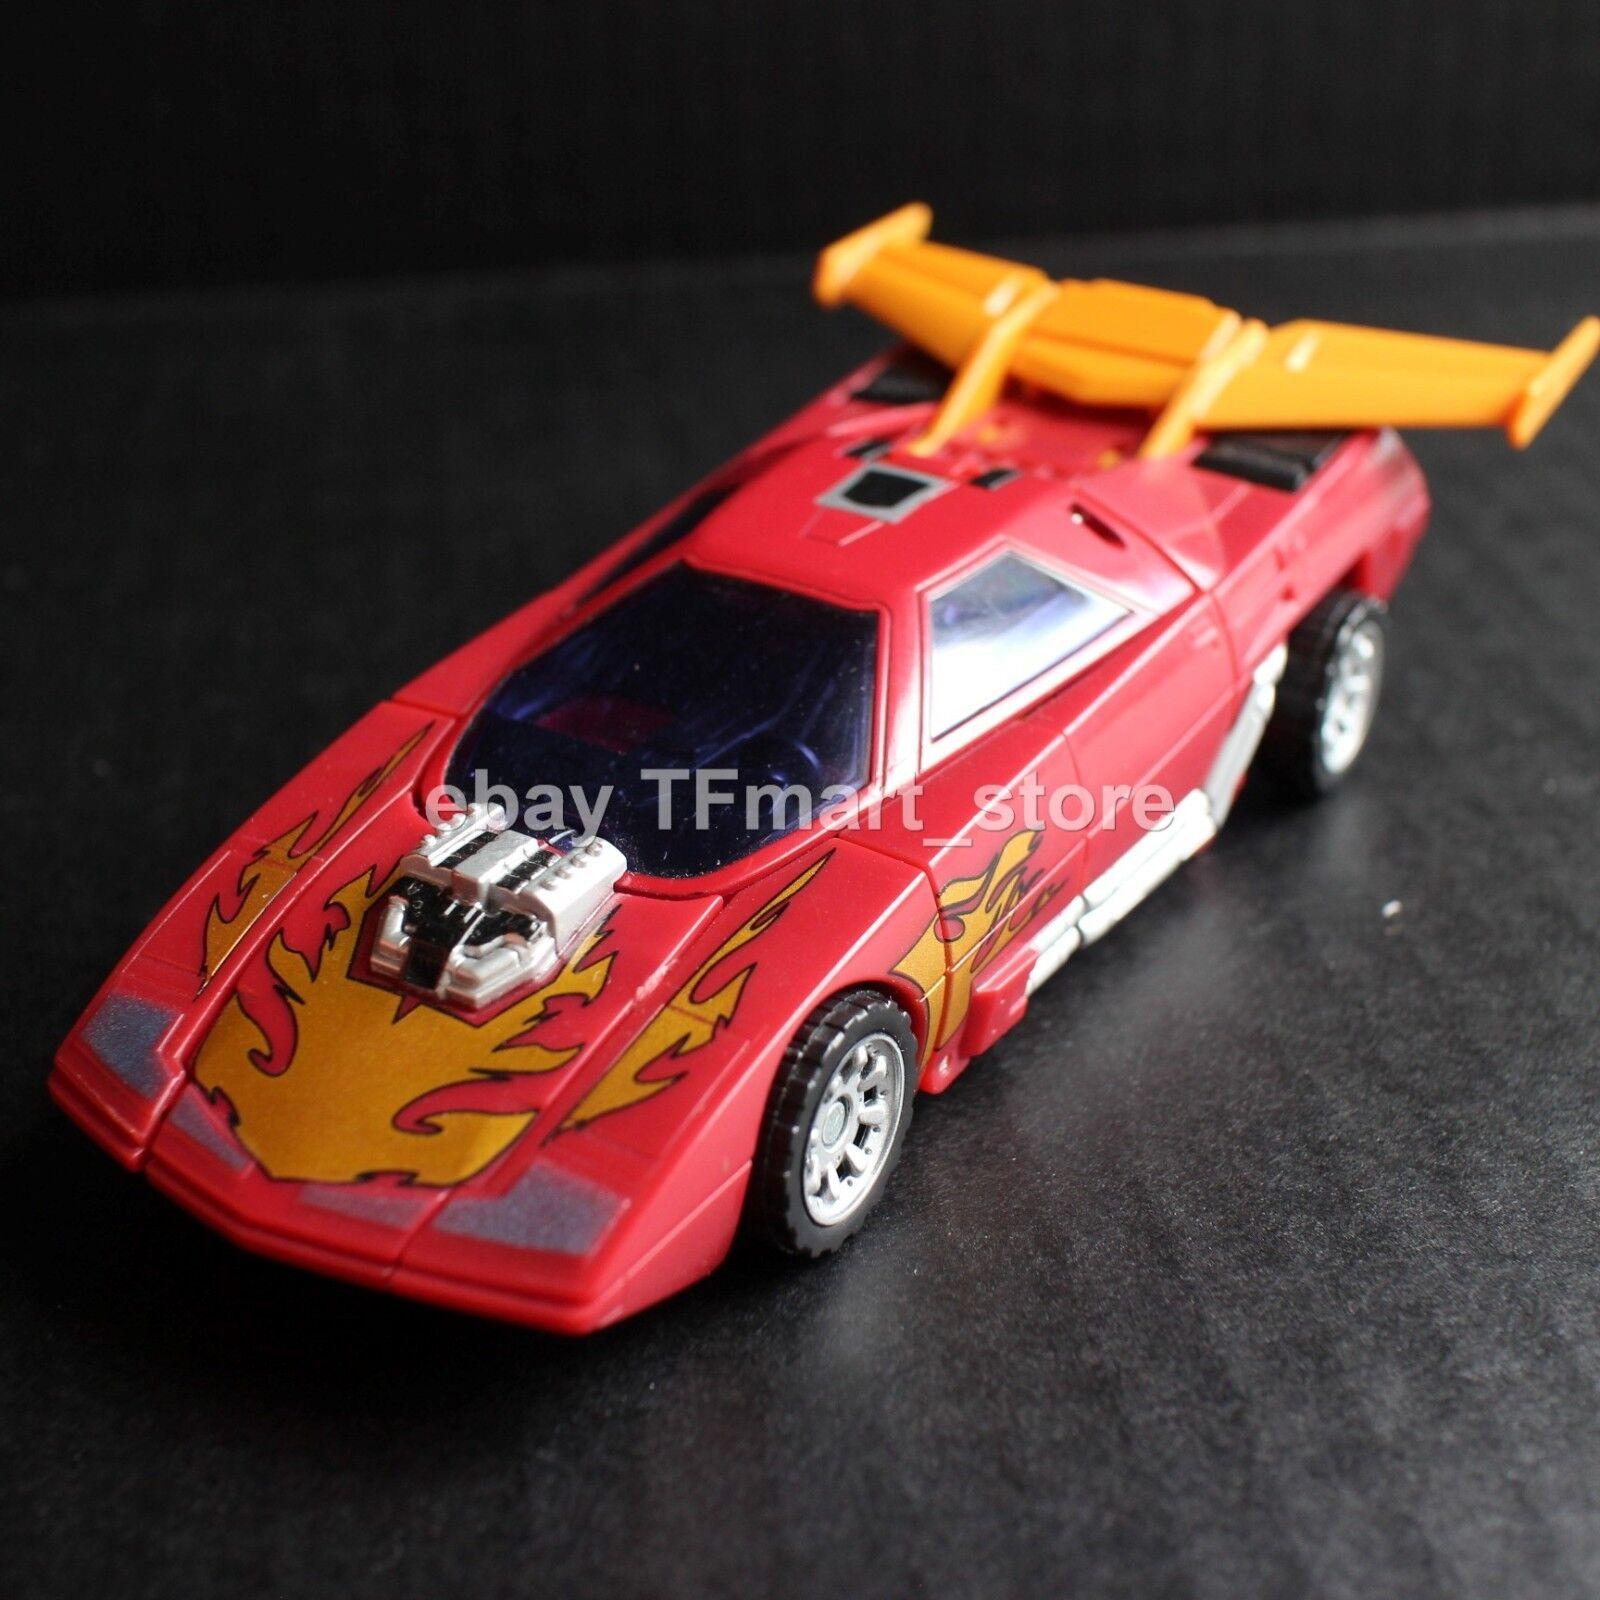 Clásicos de Transformers Rodimus Hot Rod Original Primera versión generaciones